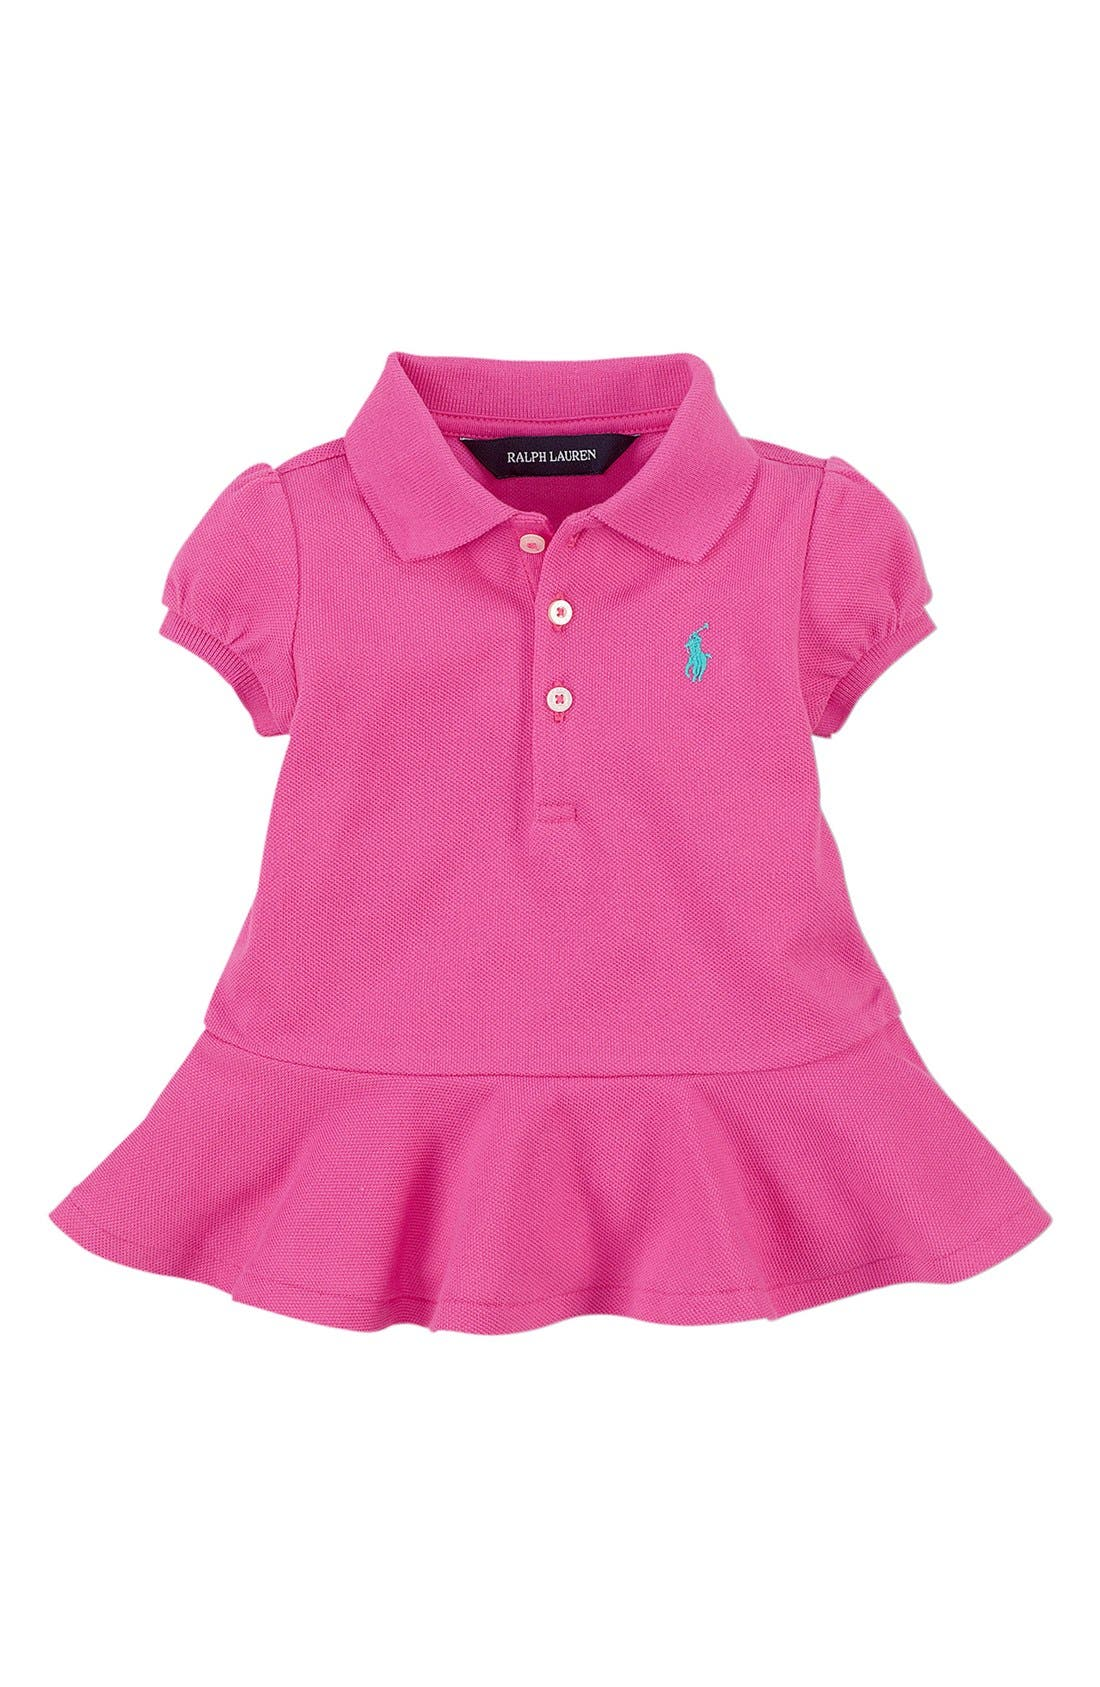 Alternate Image 1 Selected - Ralph Lauren Cotton Peplum Top (Baby Girls)